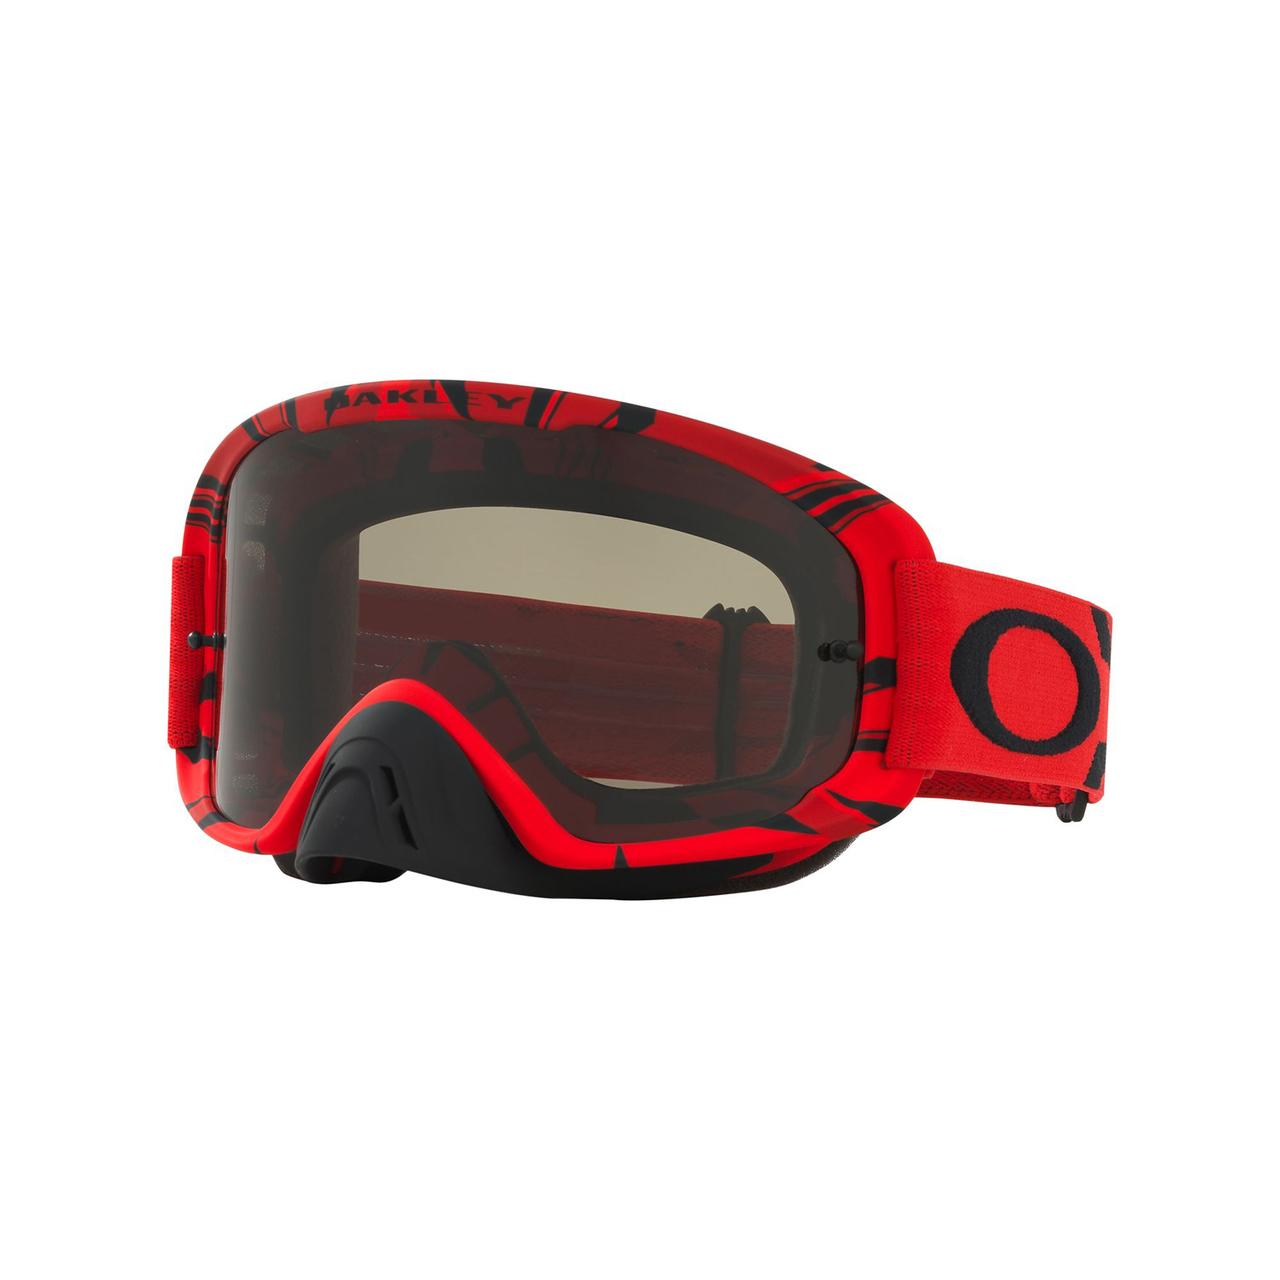 b40dbb0bd0 Oakley 2018 O Frame 2.0 MX Goggle Adult (Intimdator Red Black) Dark Grey  Lens. 0OO7068  706807 030A  31056.1540910514.1280.1280